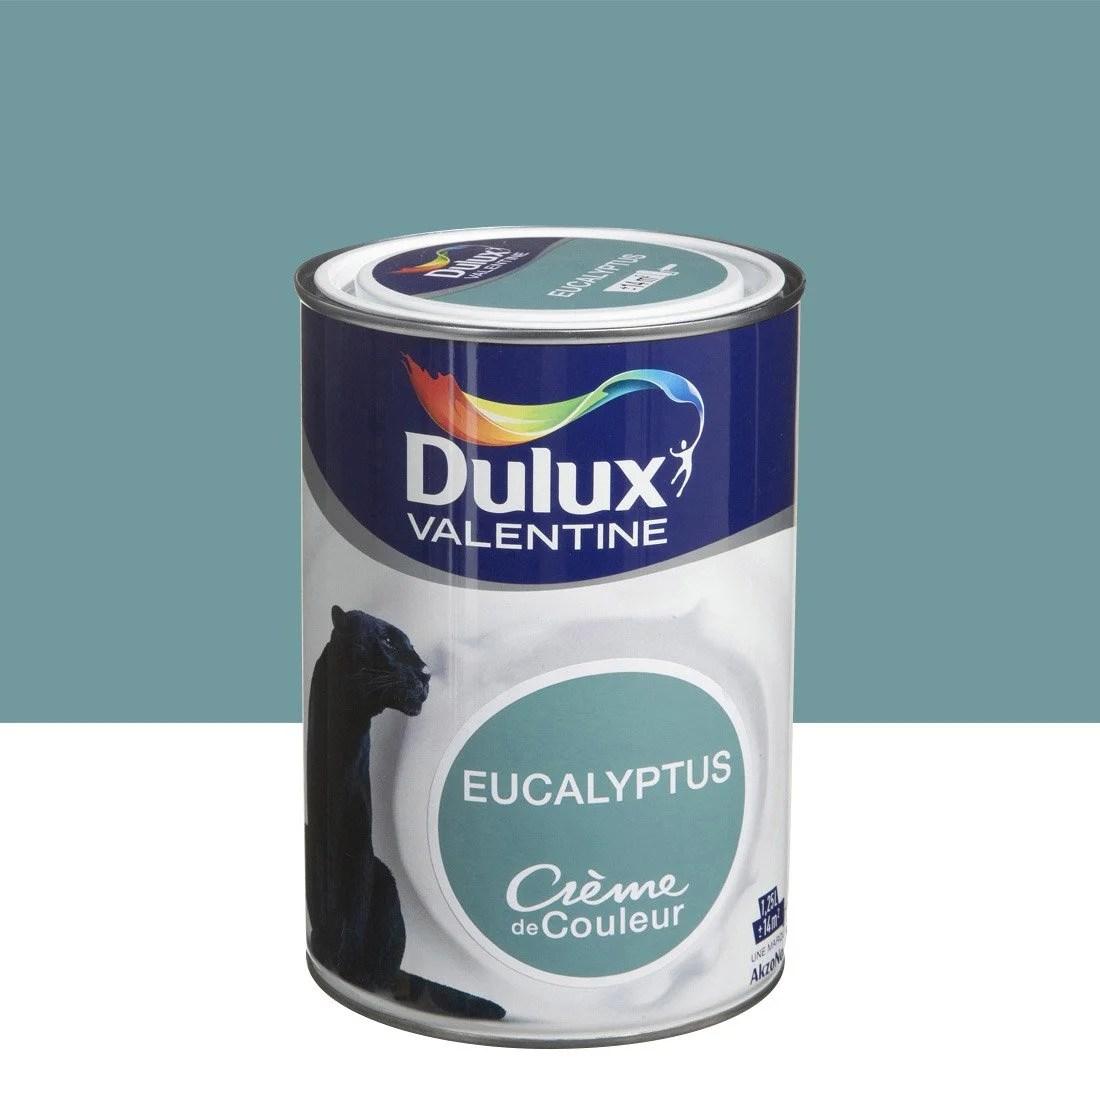 Peinture Vert Eucalyptus DULUX VALENTINE Crme De Couleur